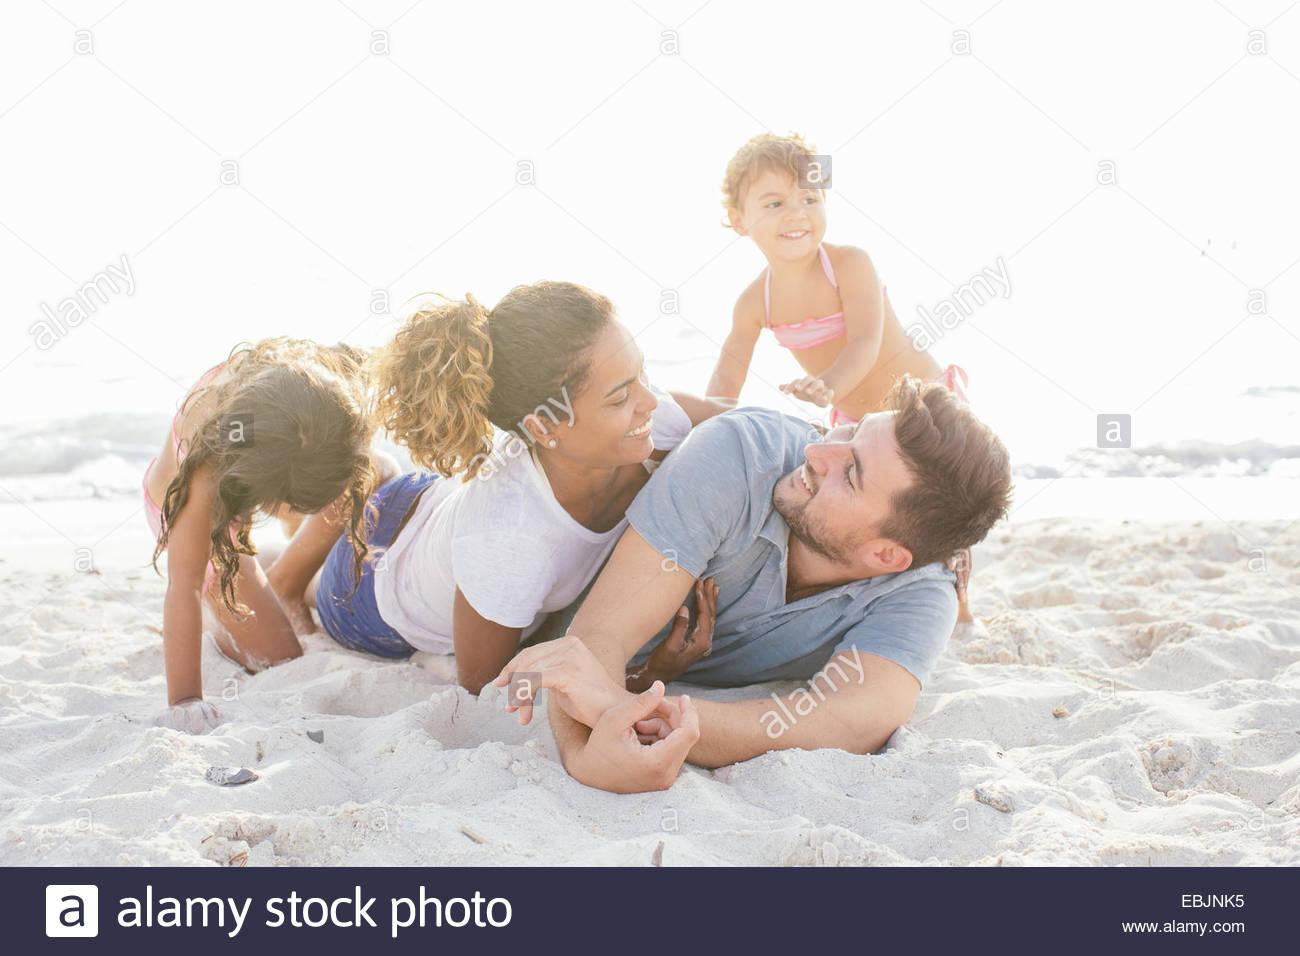 Coppia con due ragazze giocare combattimenti sulla spiaggia, Toscana, Italia Immagini Stock